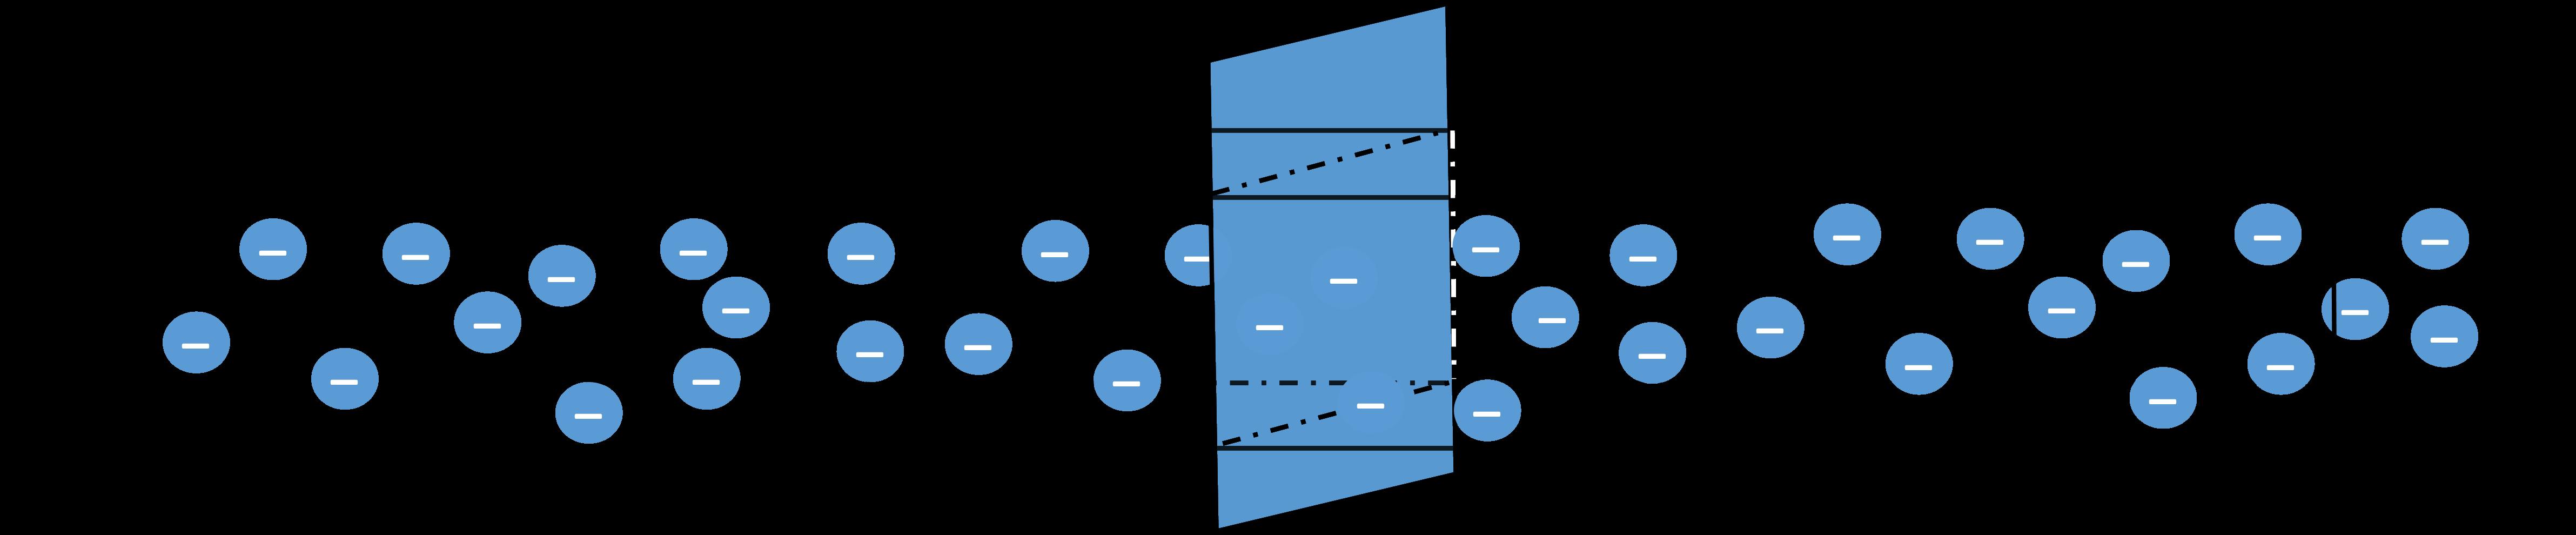 Schema, Ausschnitt eines Leiters